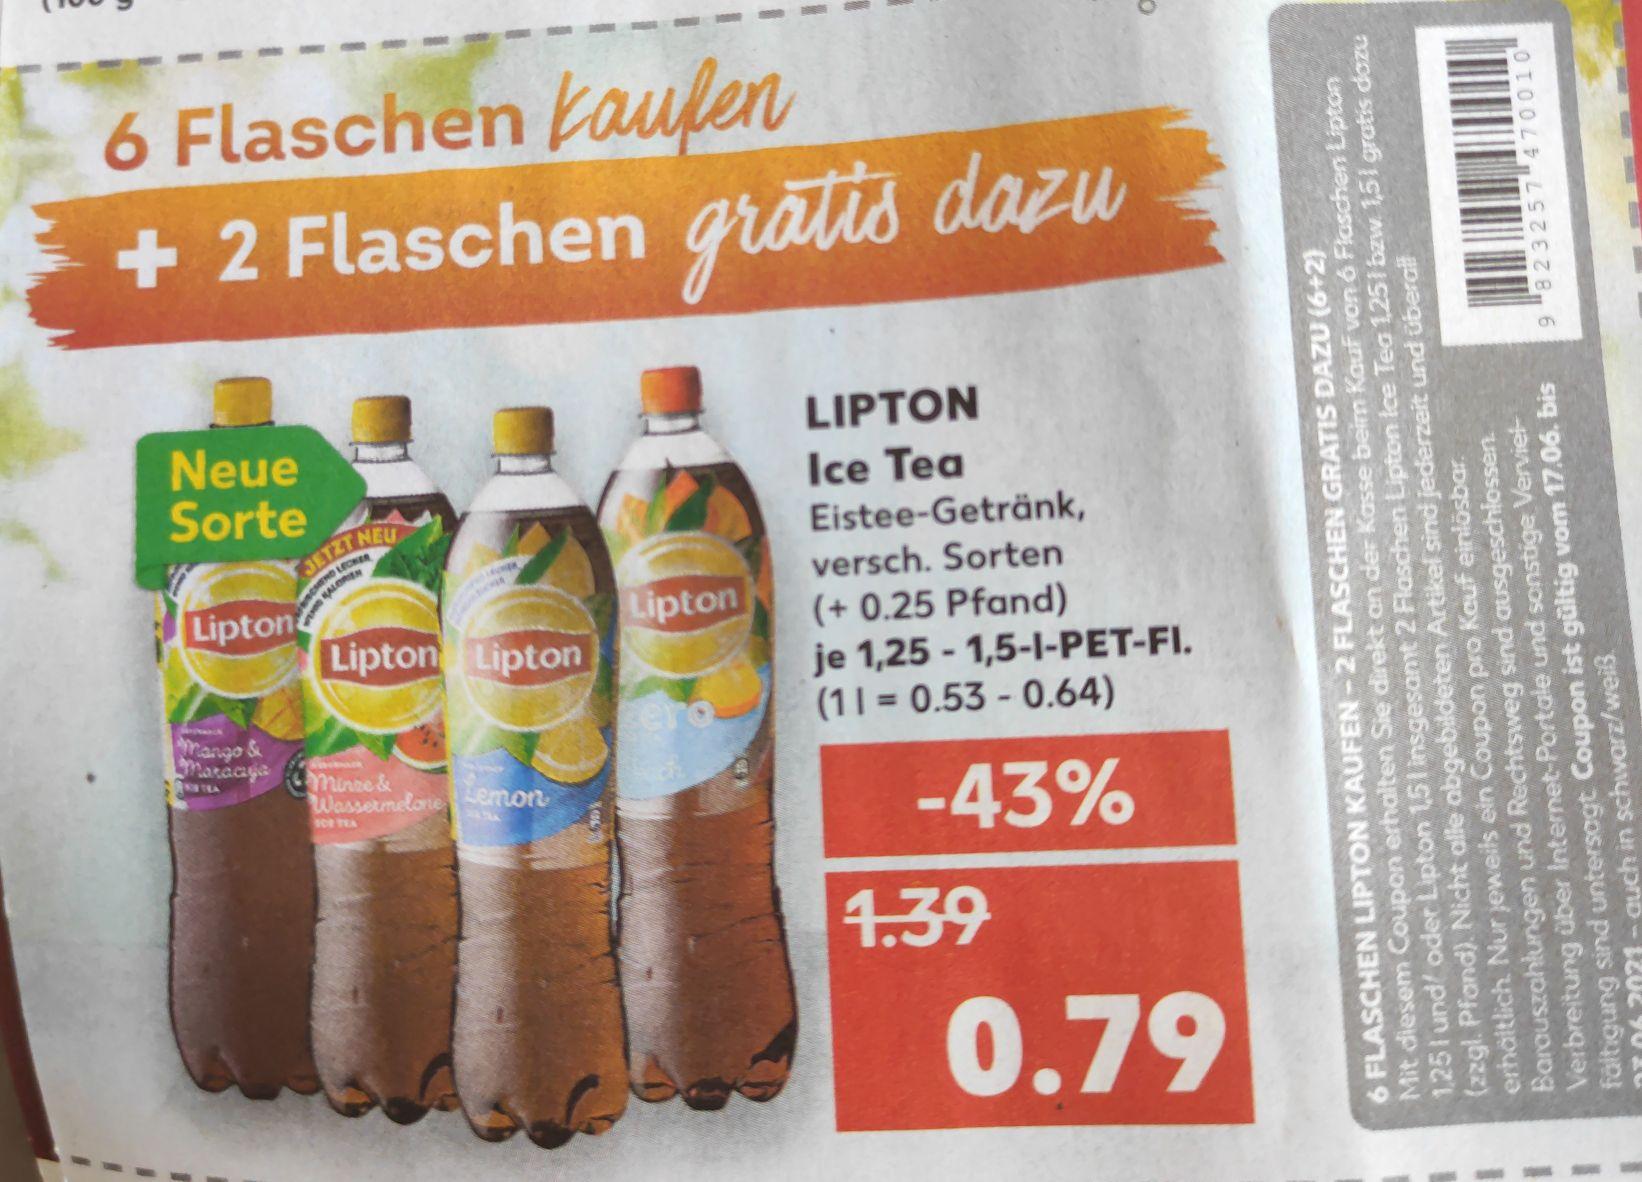 Lipton Ice Tea 1,25 bzw. 1,5 Liter Flaschen Kaufe 6 Flaschen, bekomme 8 Flaschen / je Flasche 0,25 EUR Pfand [Kaufland offline bundesweit?]